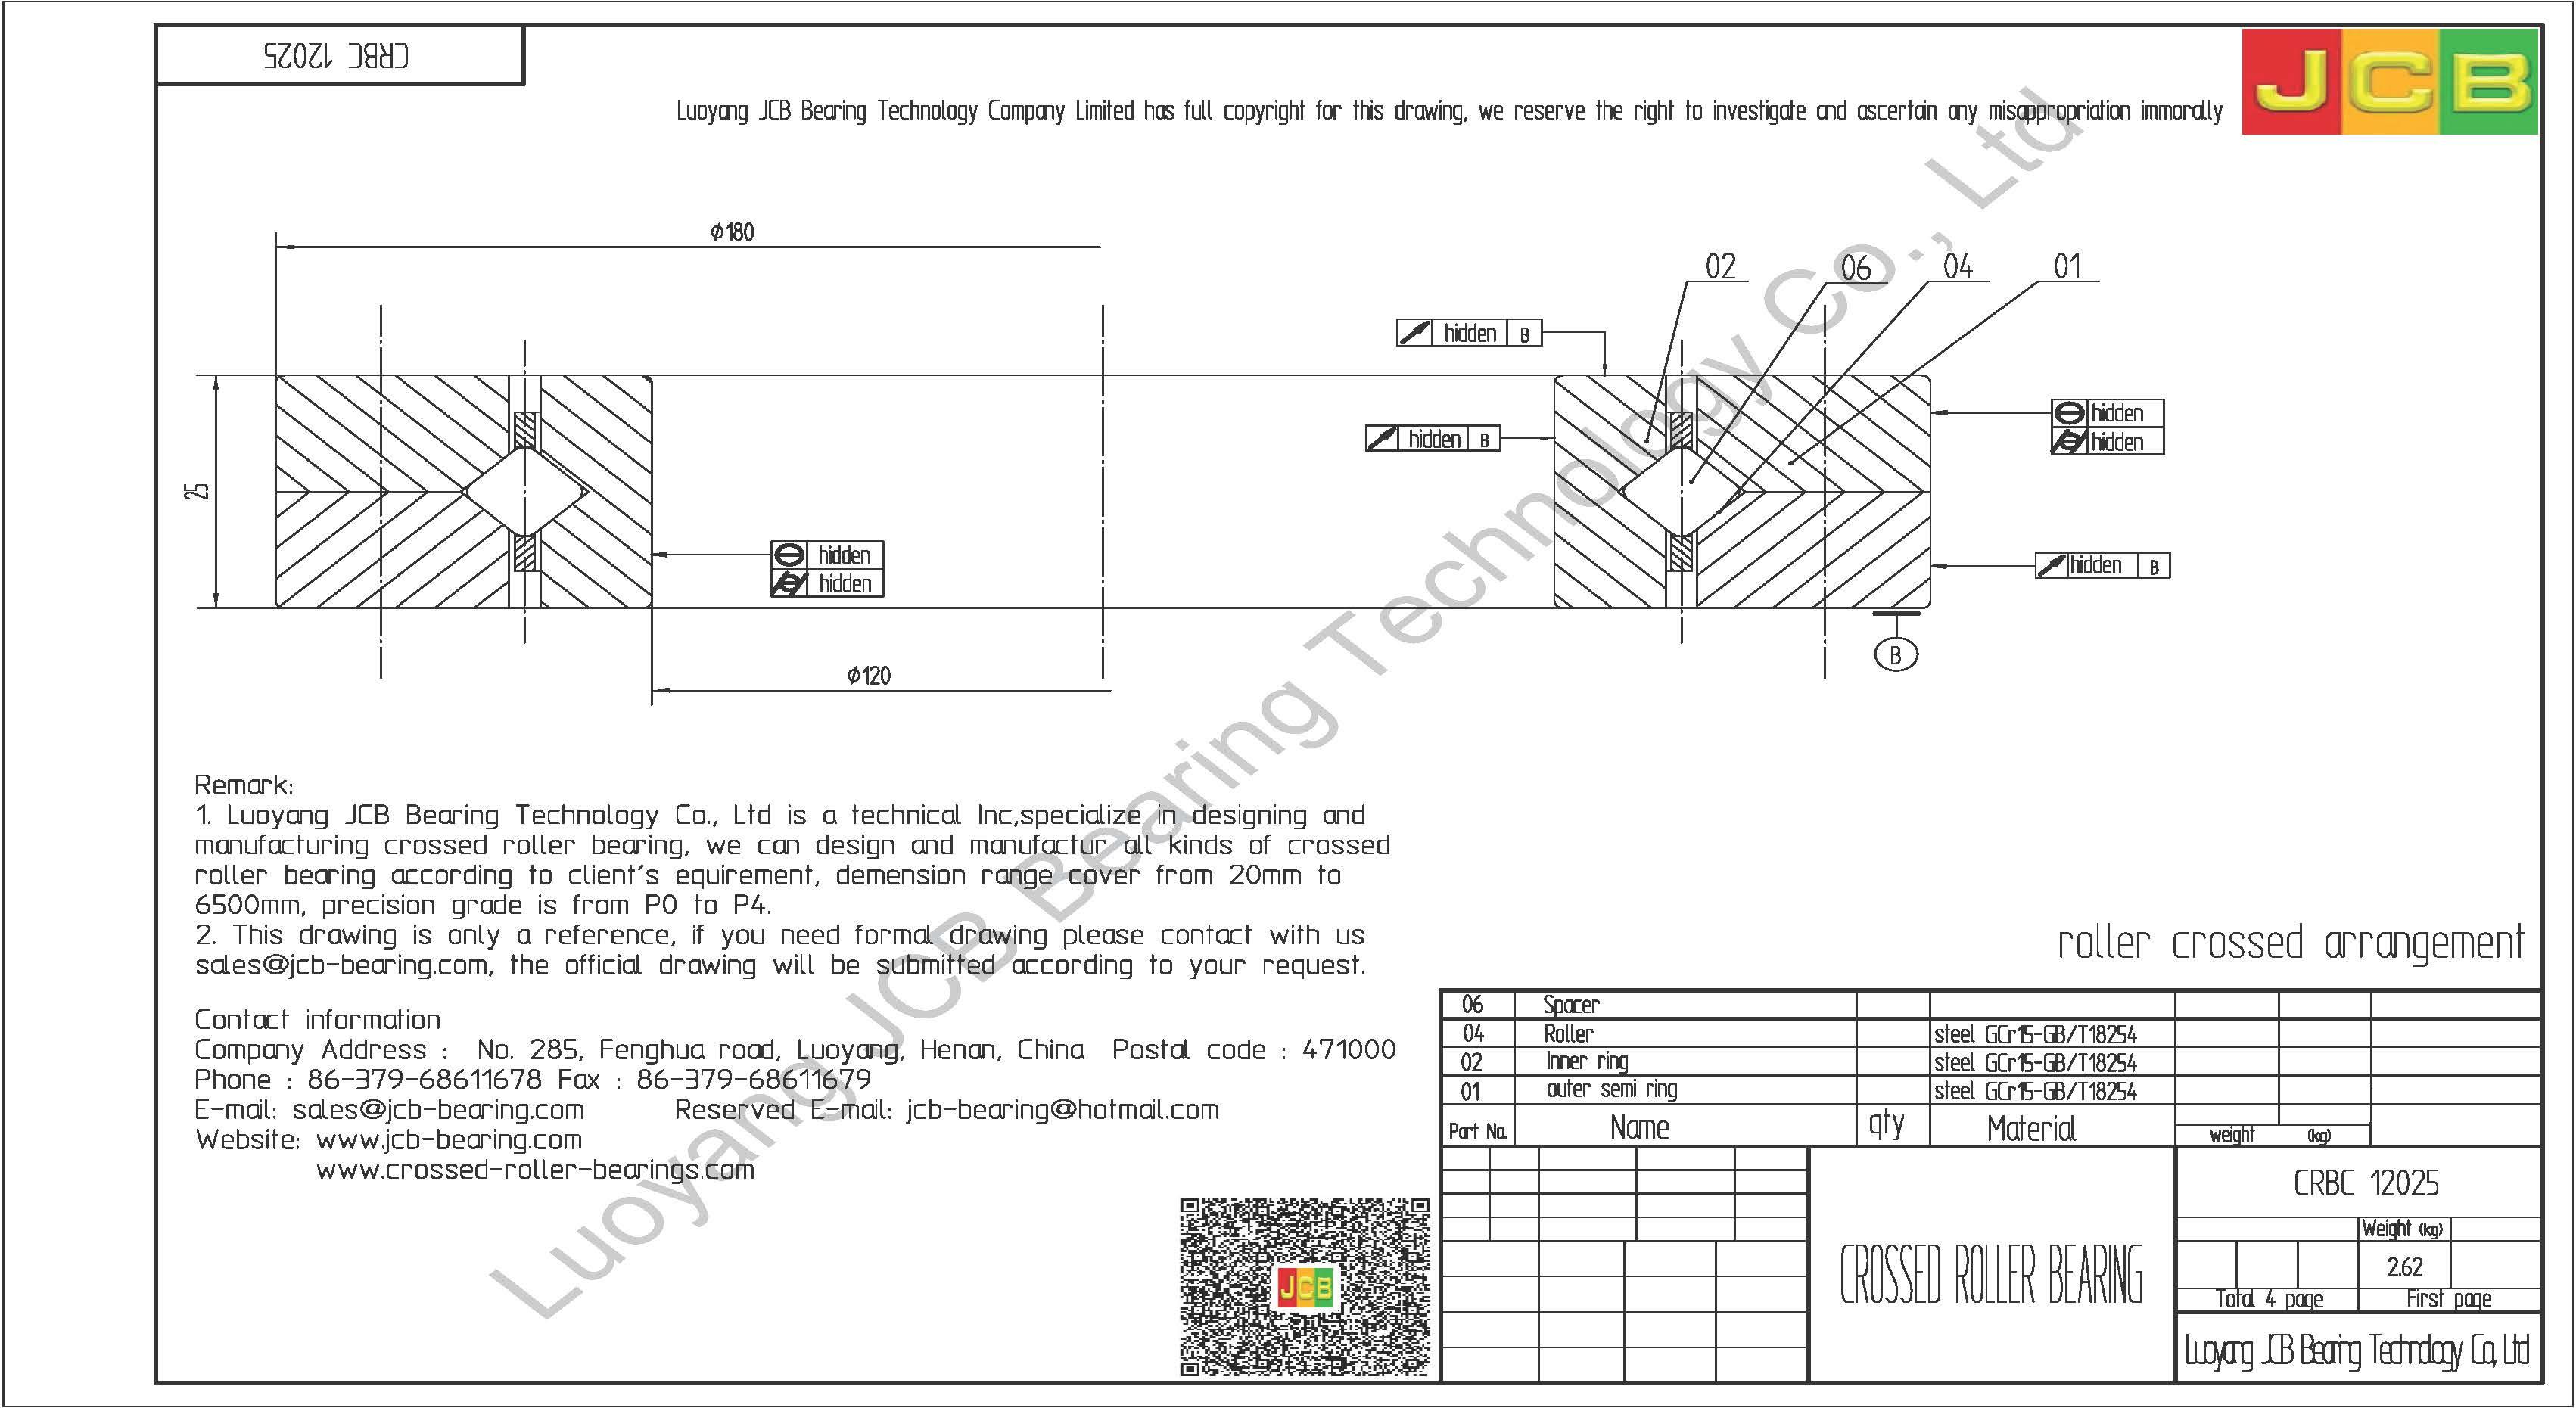 CRBC 12025 IKO CROSSED ROLLER BEARING